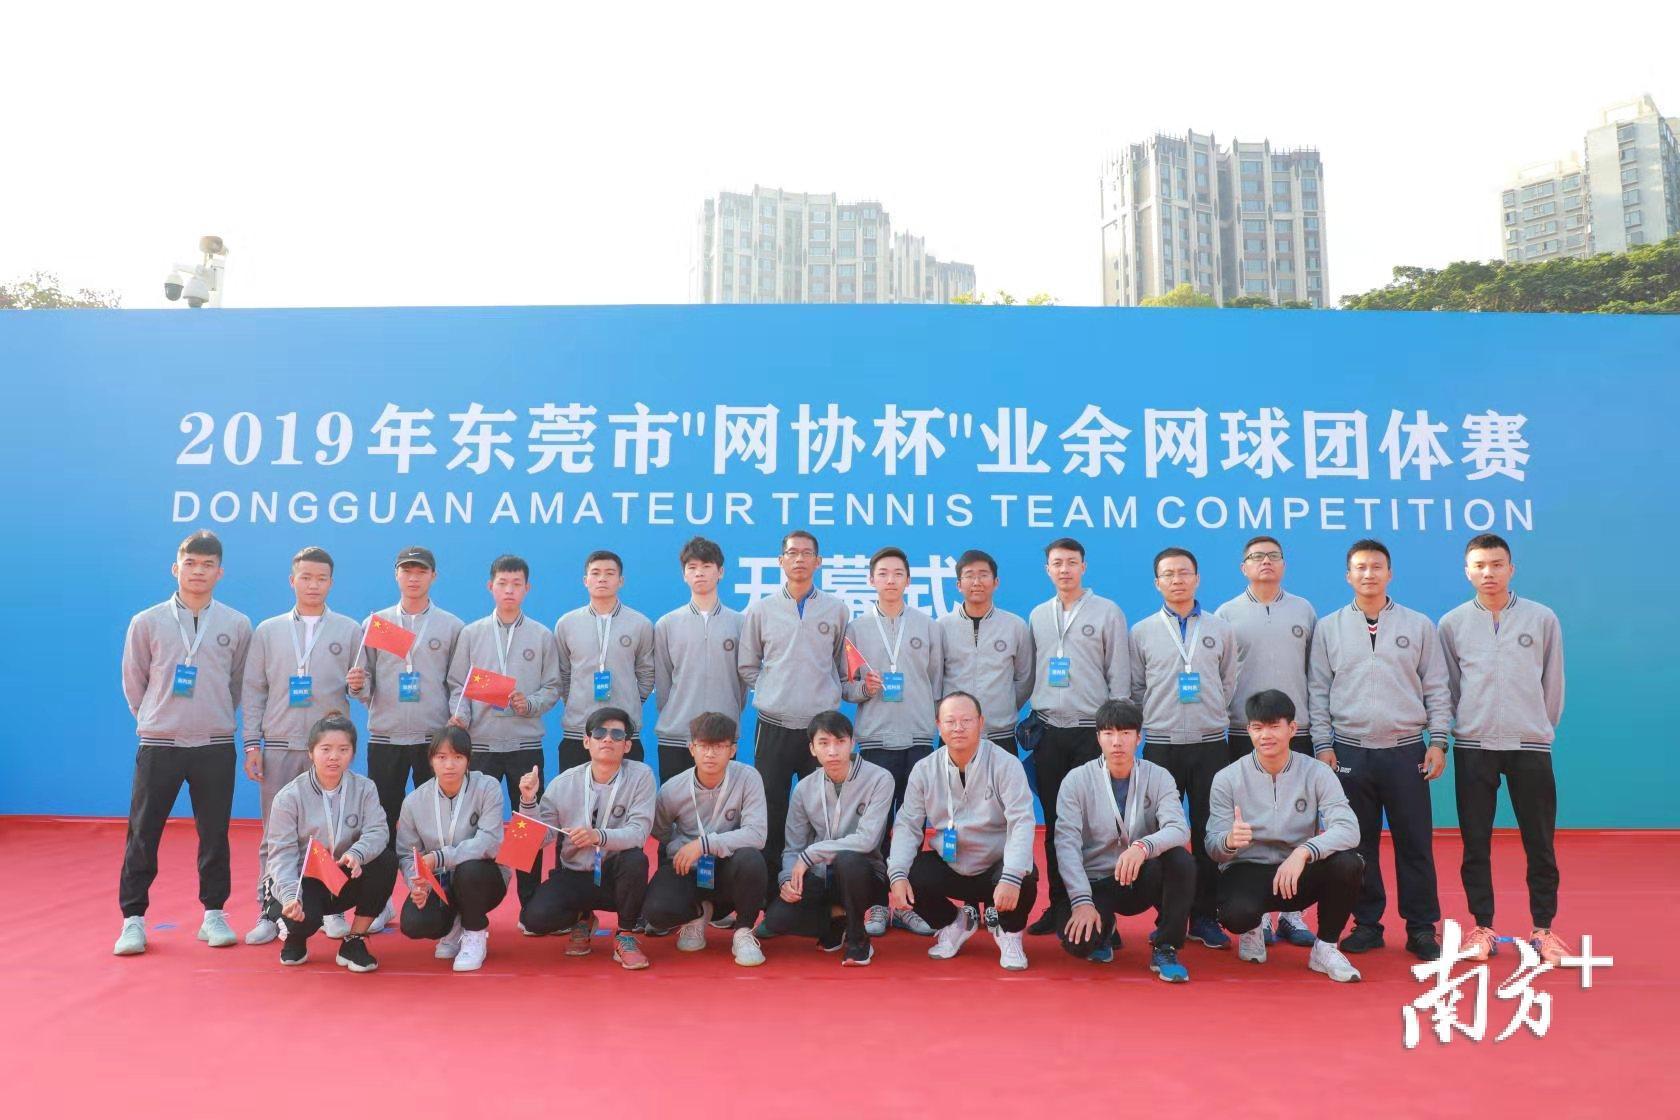 东莞:为爱好者搭建平台业余网球团体赛开打